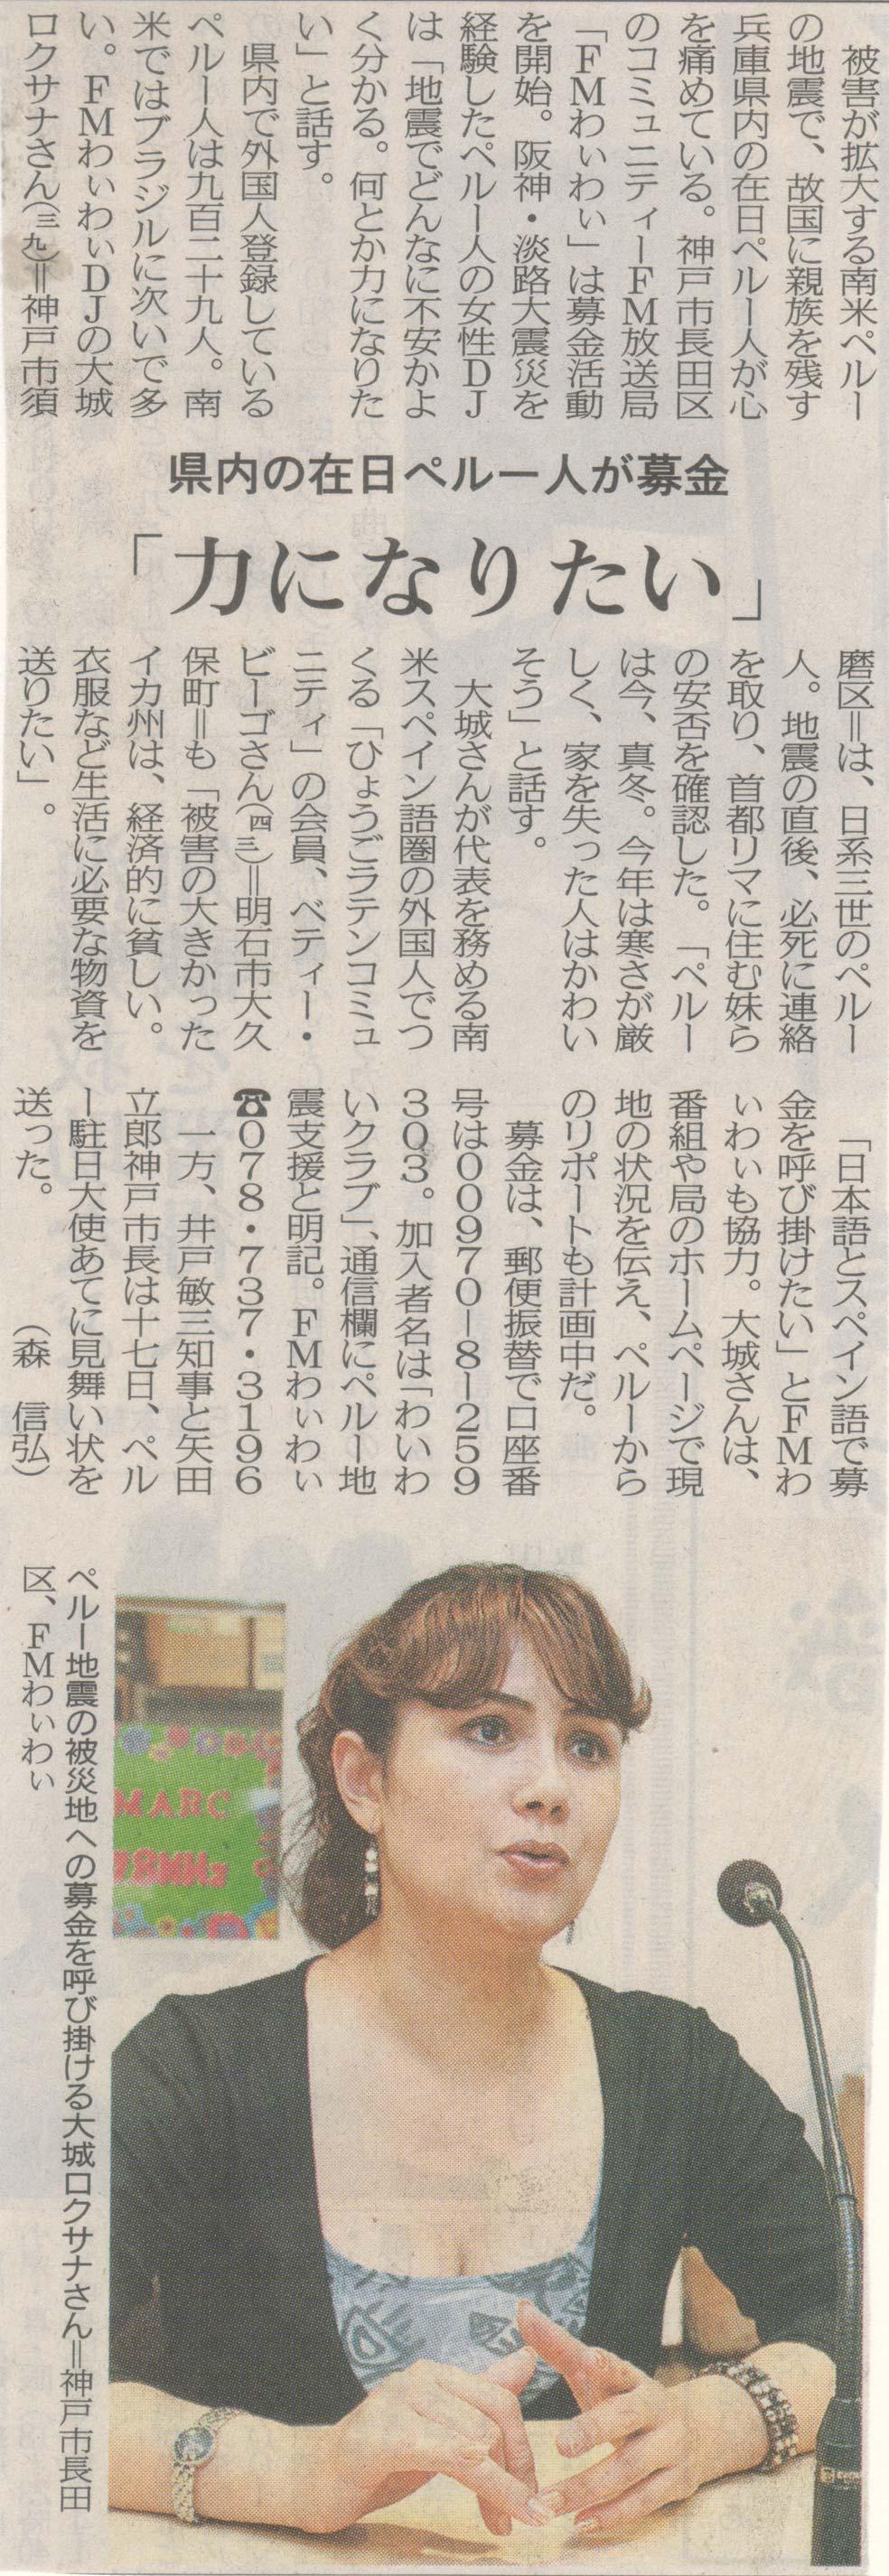 2007年8月18日 神戸新聞掲載